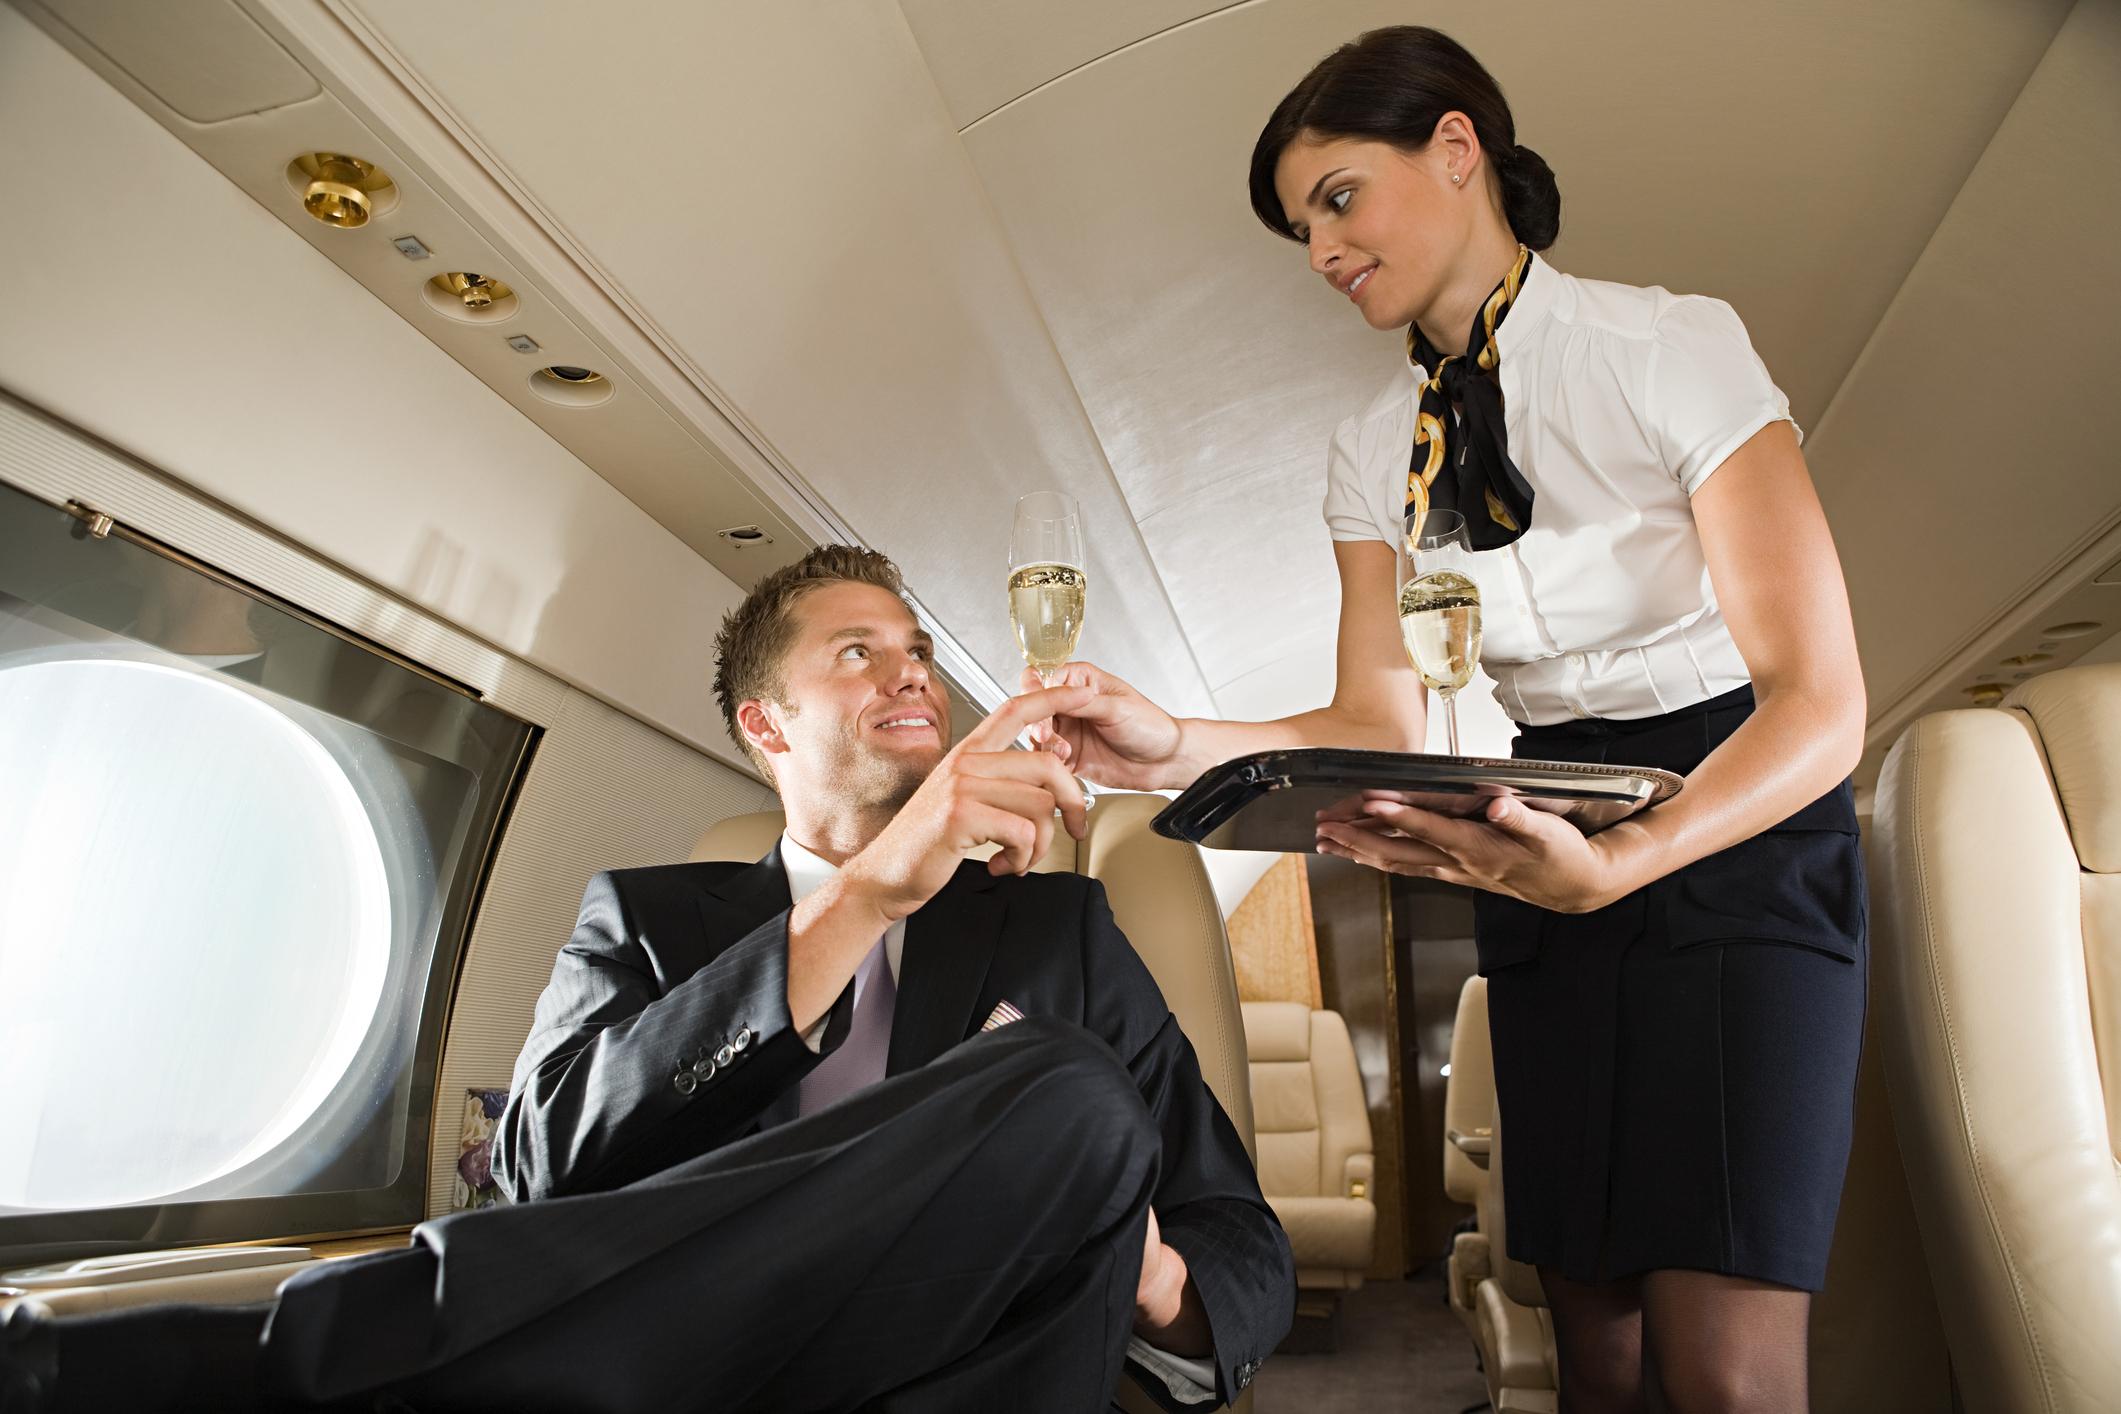 A passenger on a business jet